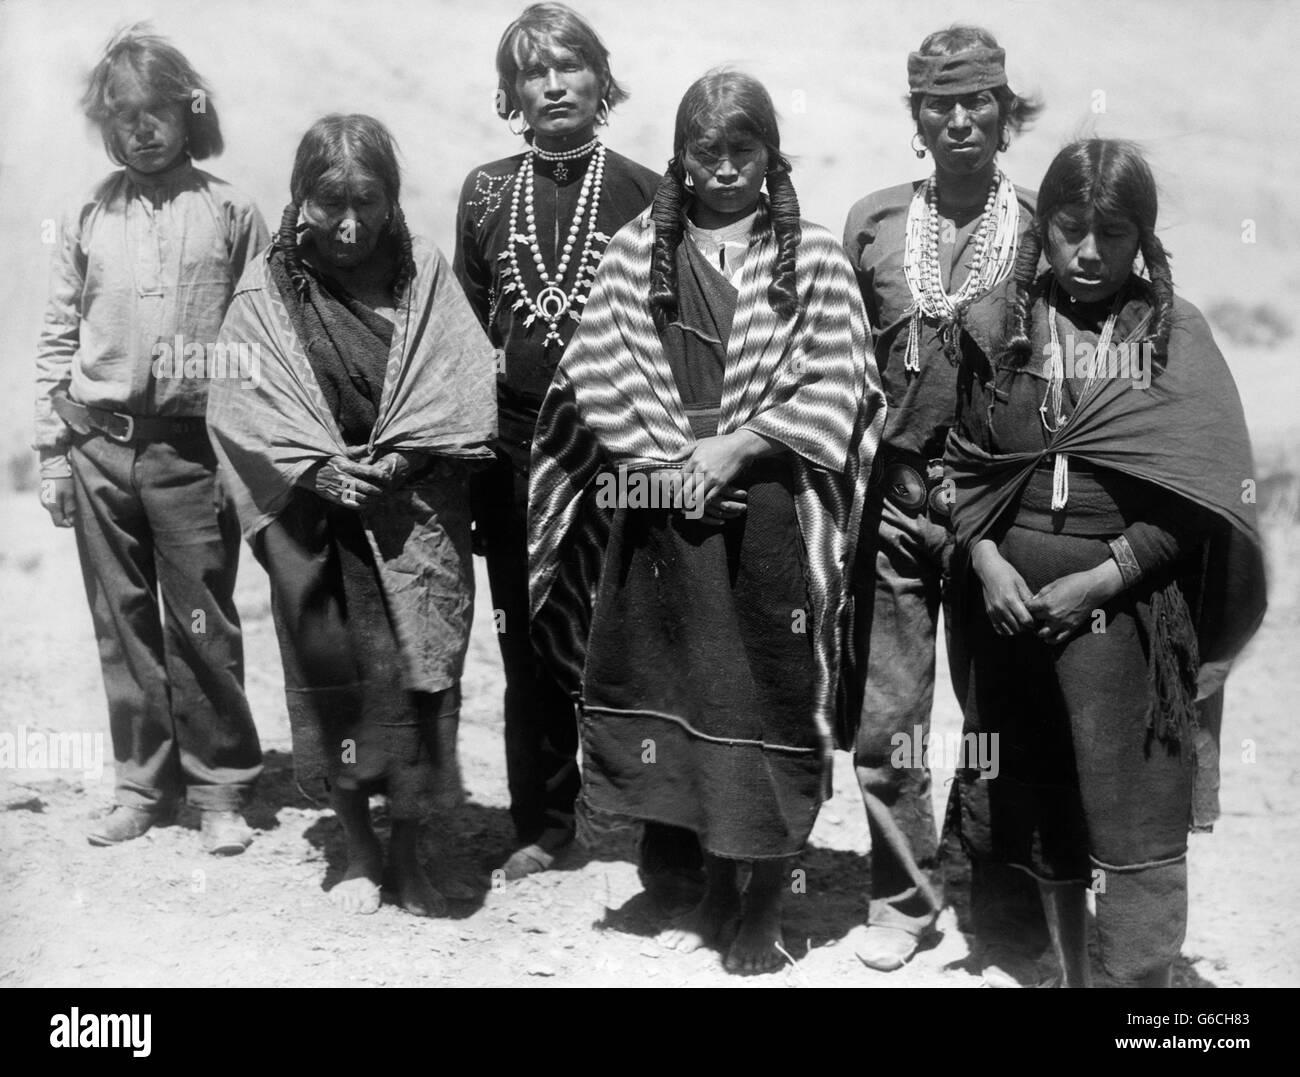 Männer suchen frauen pueblo craigslist